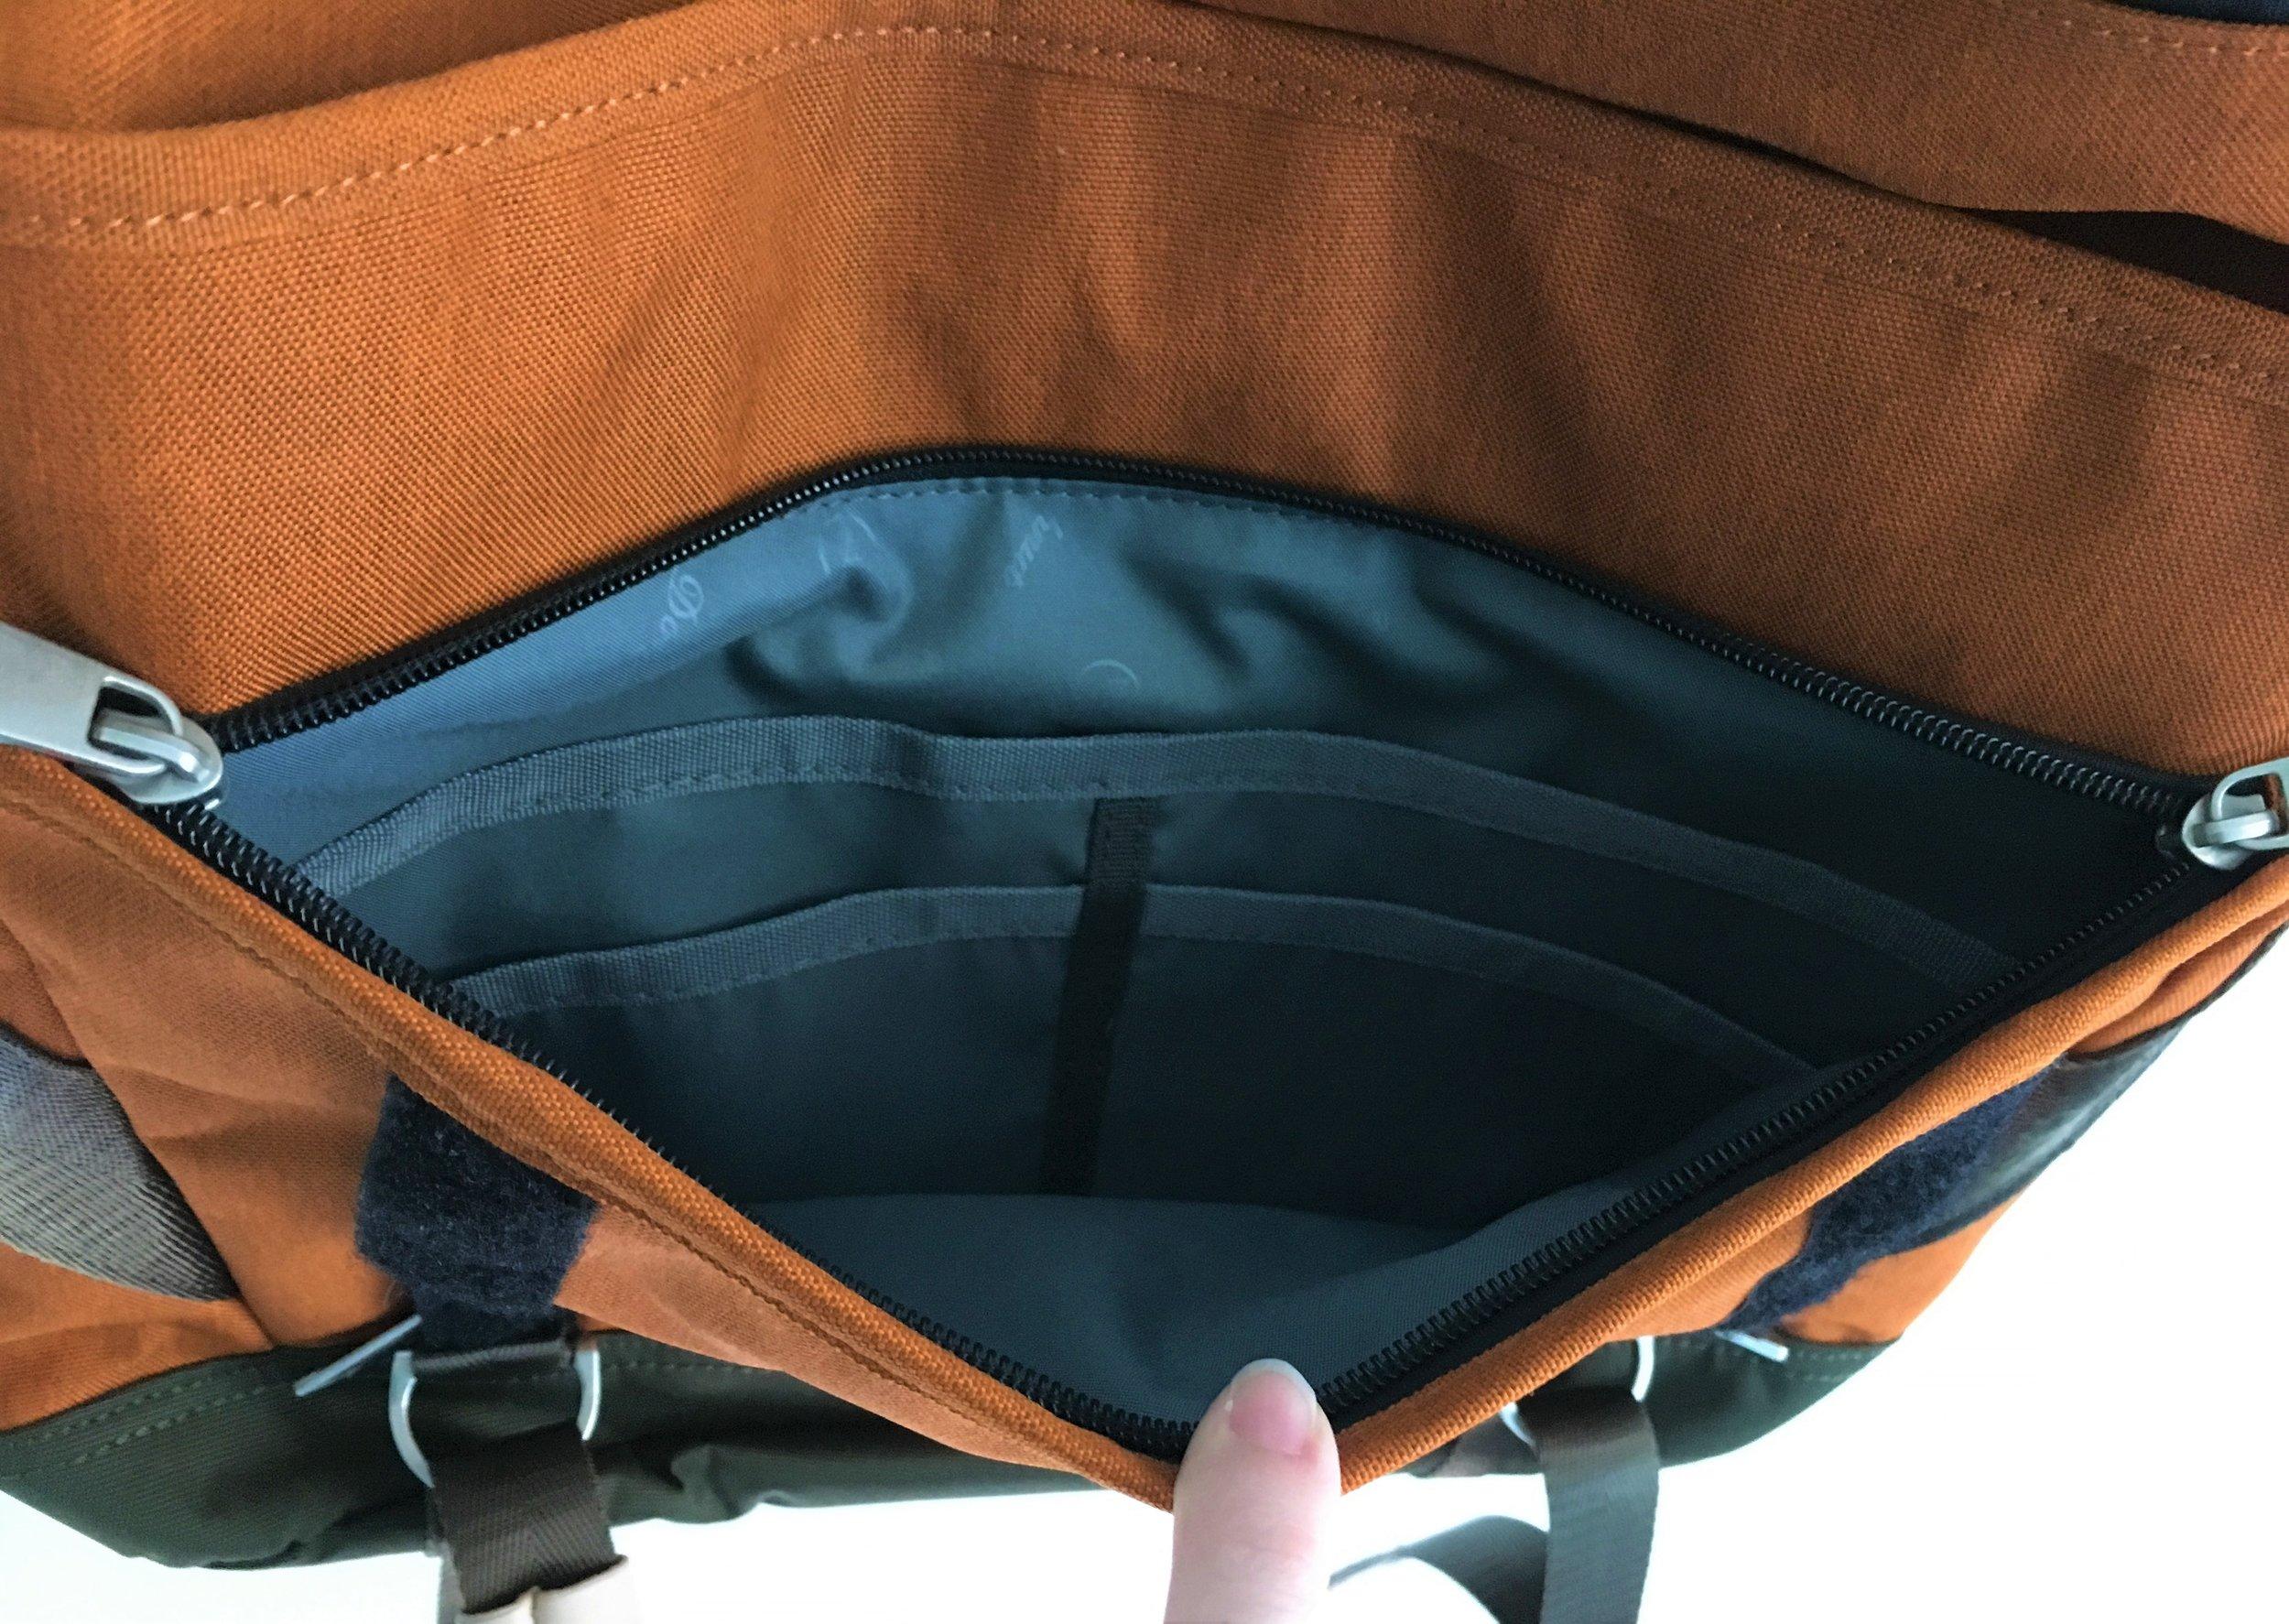 Doughnut Denver Messenger Bag Internals